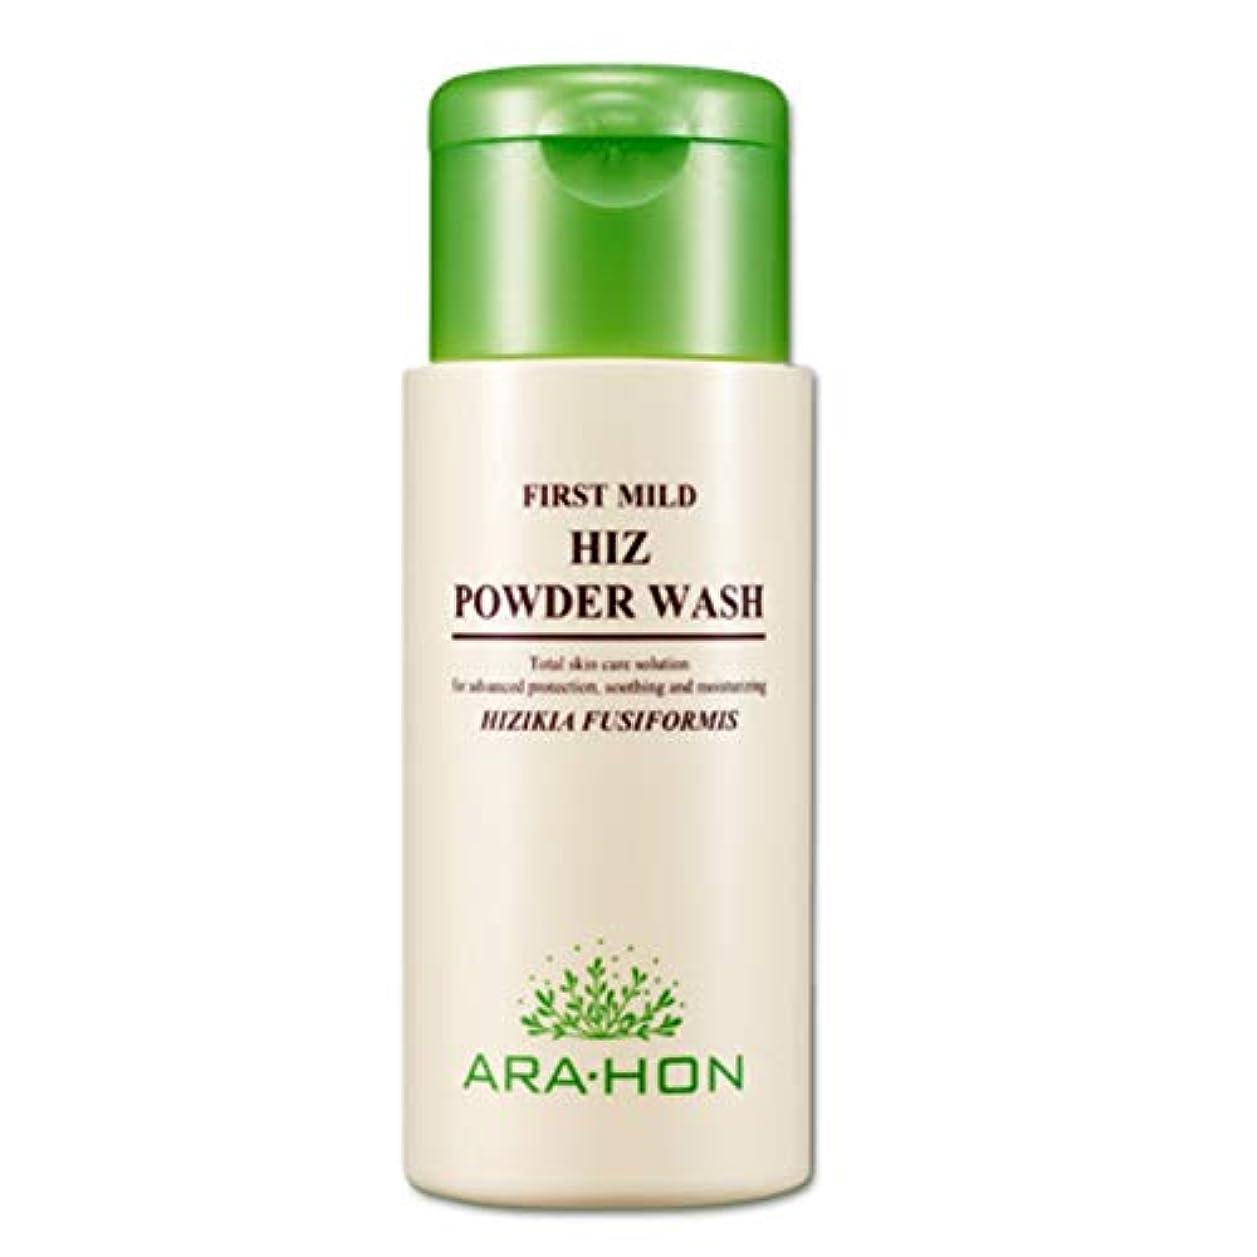 女性探偵説教ARA·HON Skin Care Mild Hiz Power Wash 角質/皮脂 Care,毛穴掃除 パウダー Foam Cleansing 70g[海外直輸入]